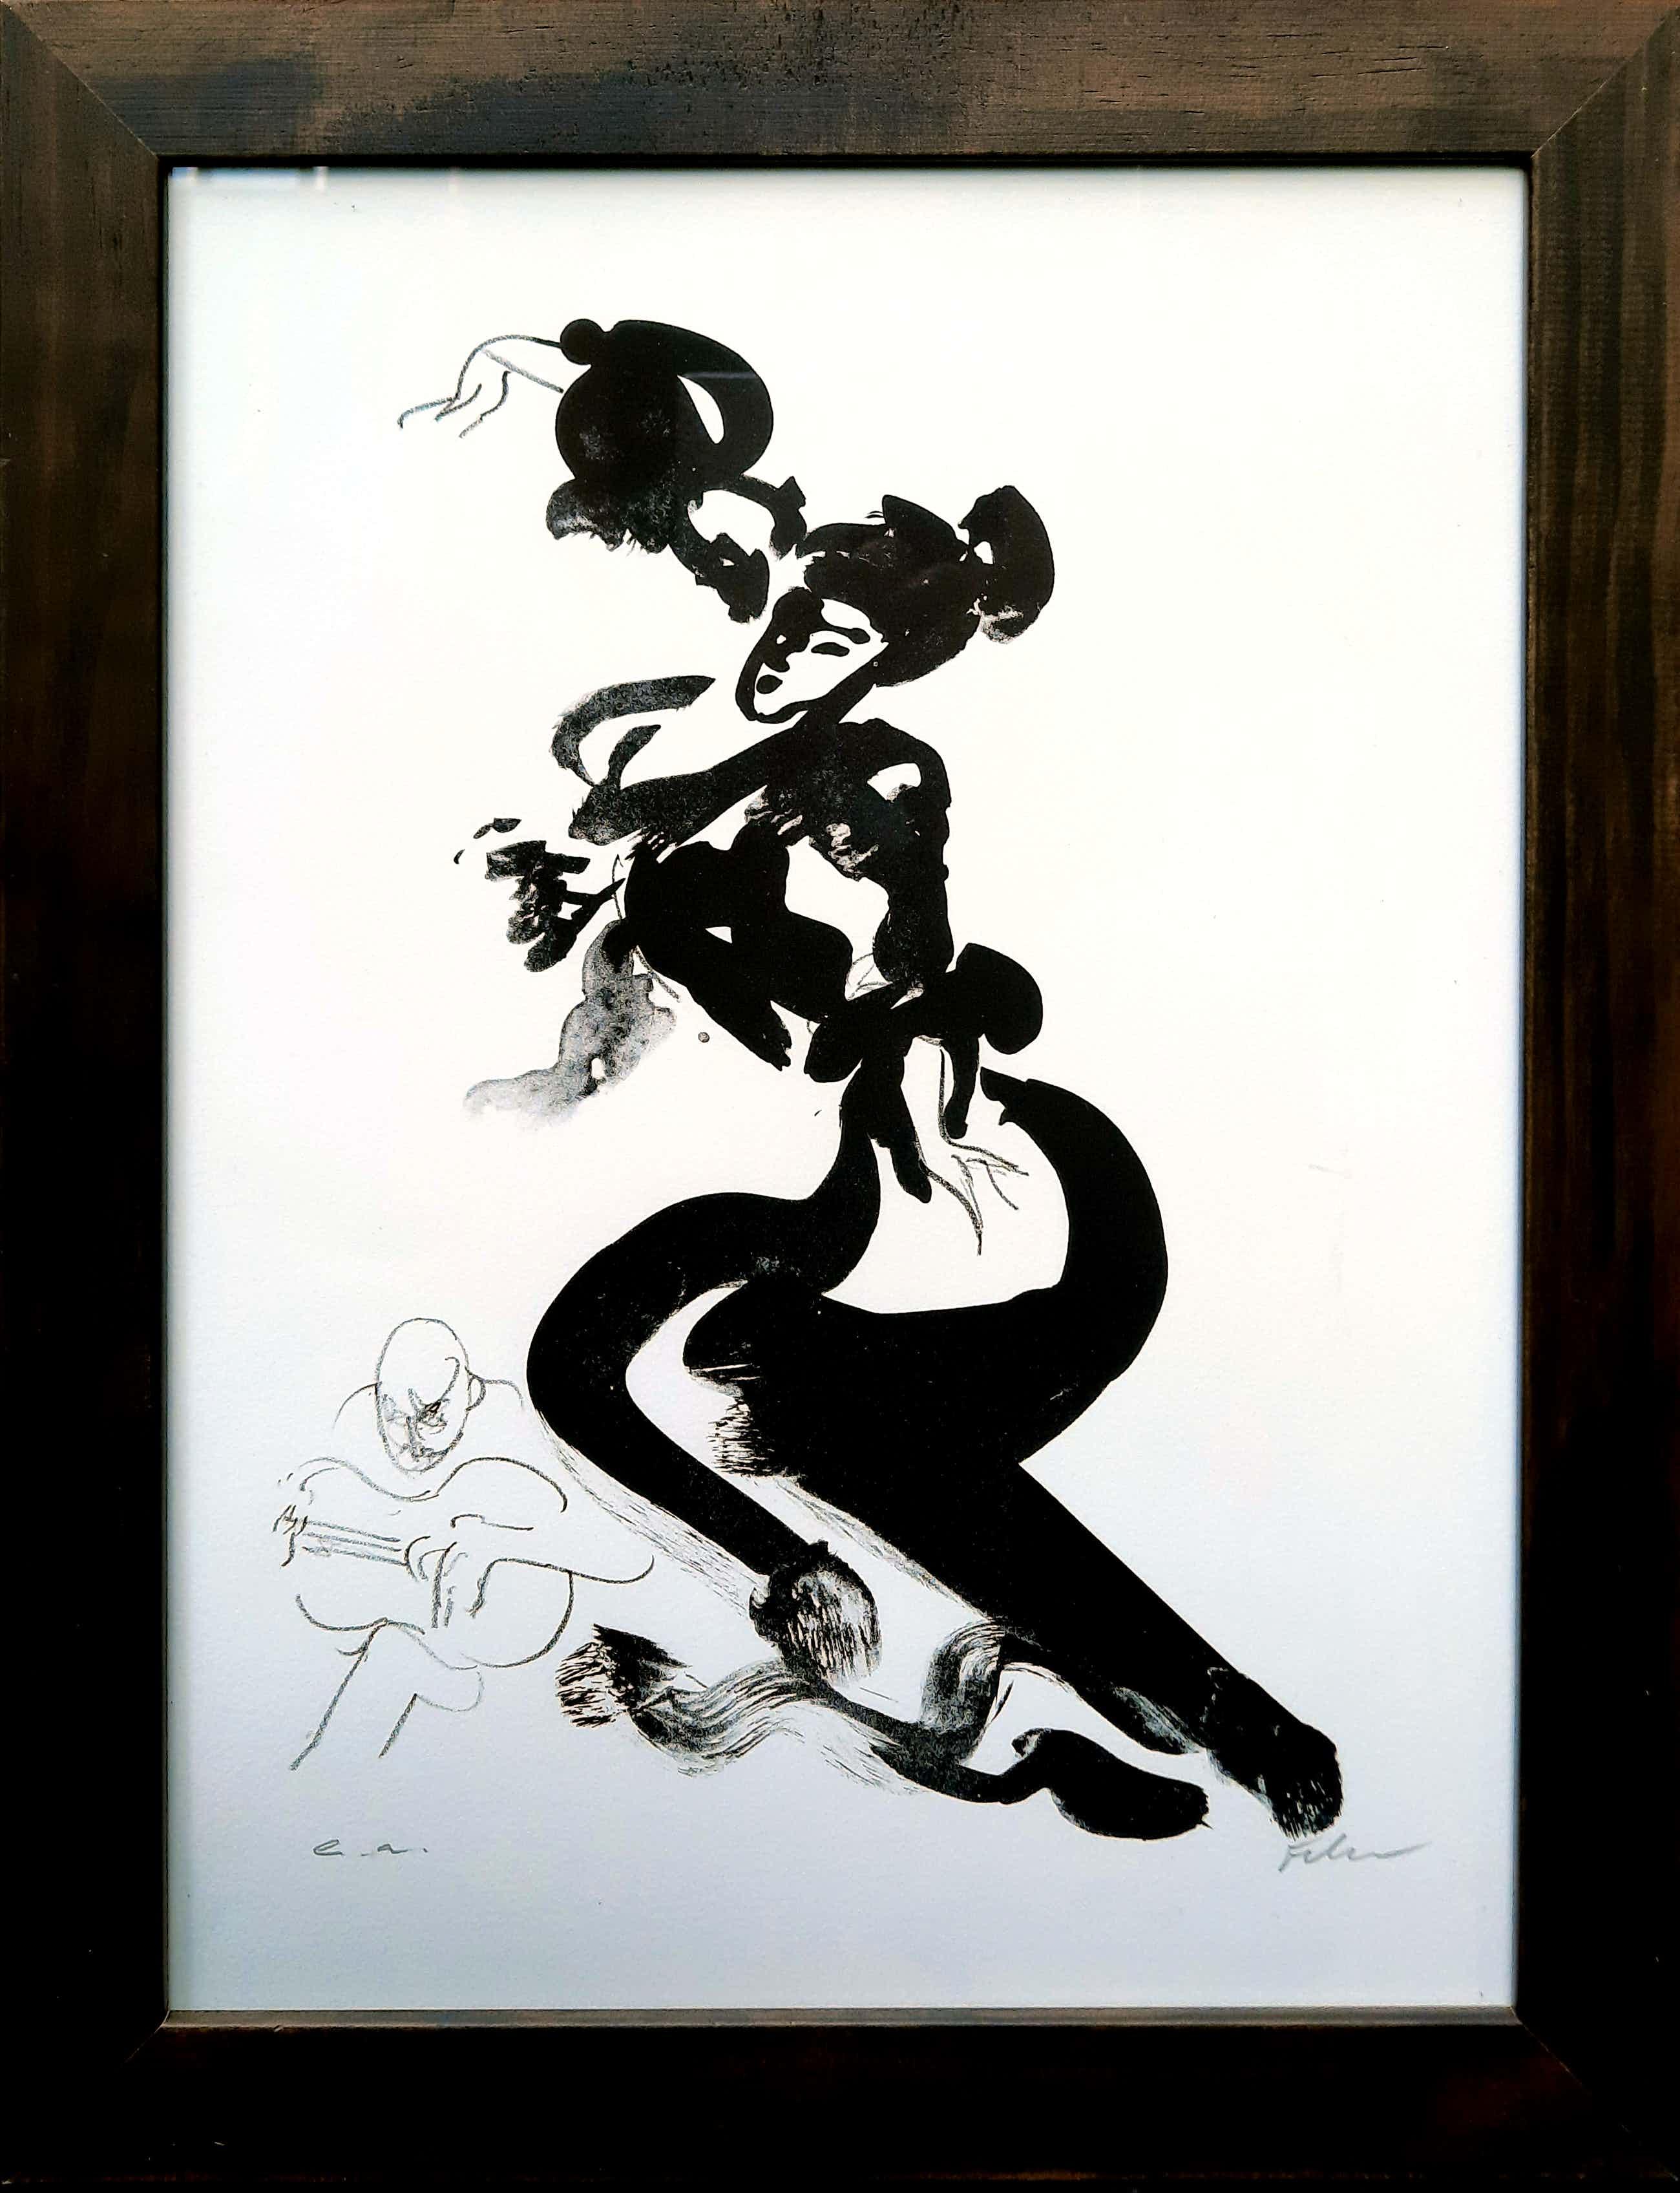 Luis Filcer - Flamenco II - nieuwstaat - steendruk uit 2008 - INGELIJST - 21412 kopen? Bied vanaf 75!